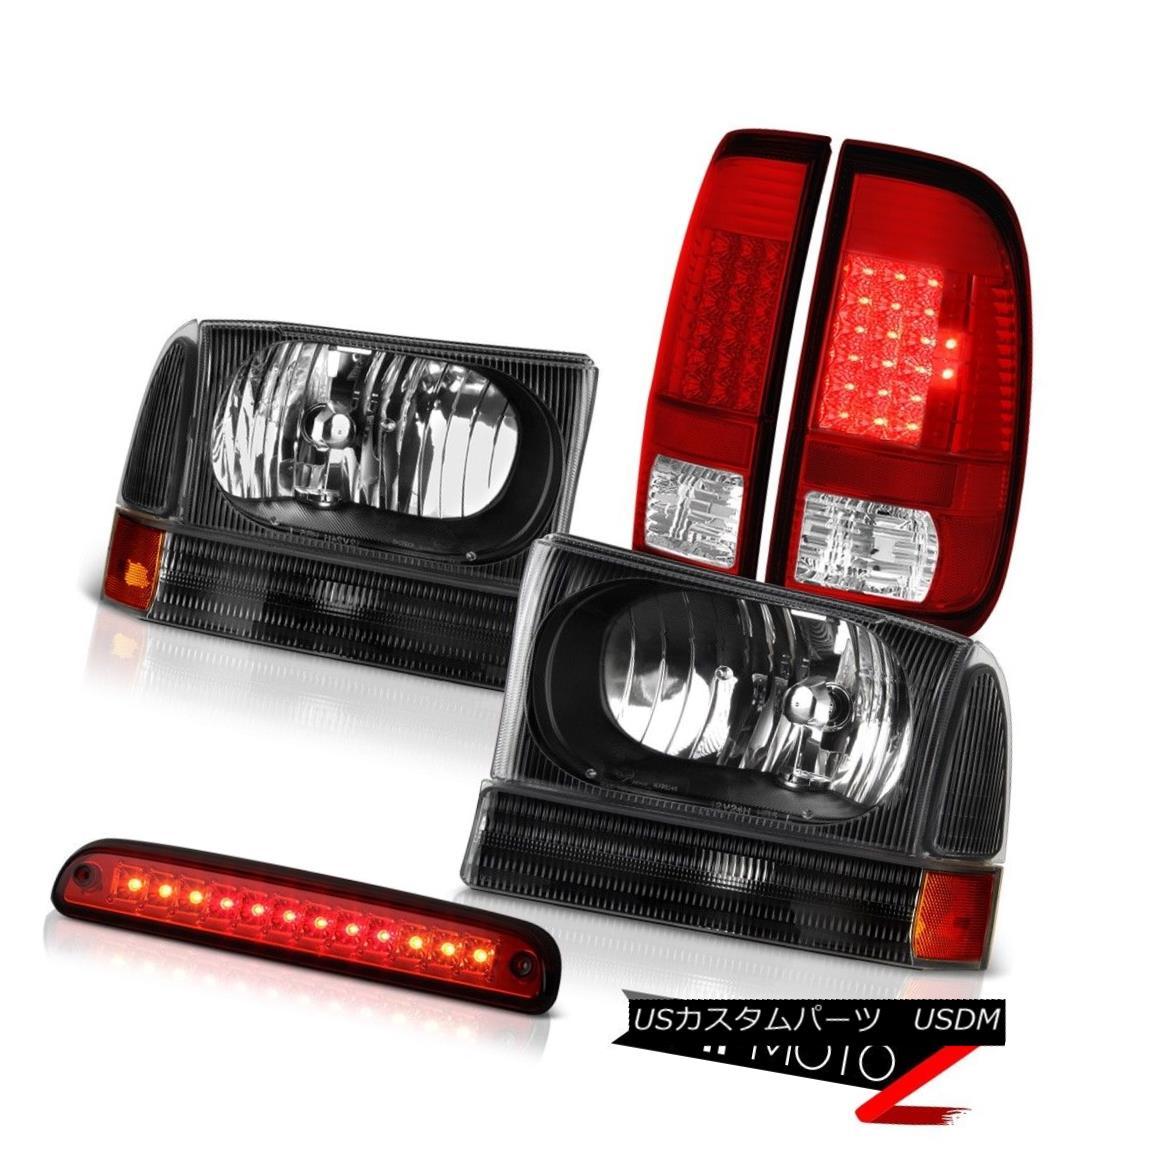 テールライト 99-04 F350 Turbo Diesel Black Diamond Headlights LED Signal Taillamps Cargo 3rd 99-04 F350ターボディーゼルブラックダイヤモンドヘッドライトLED信号タイルランプ貨物第3